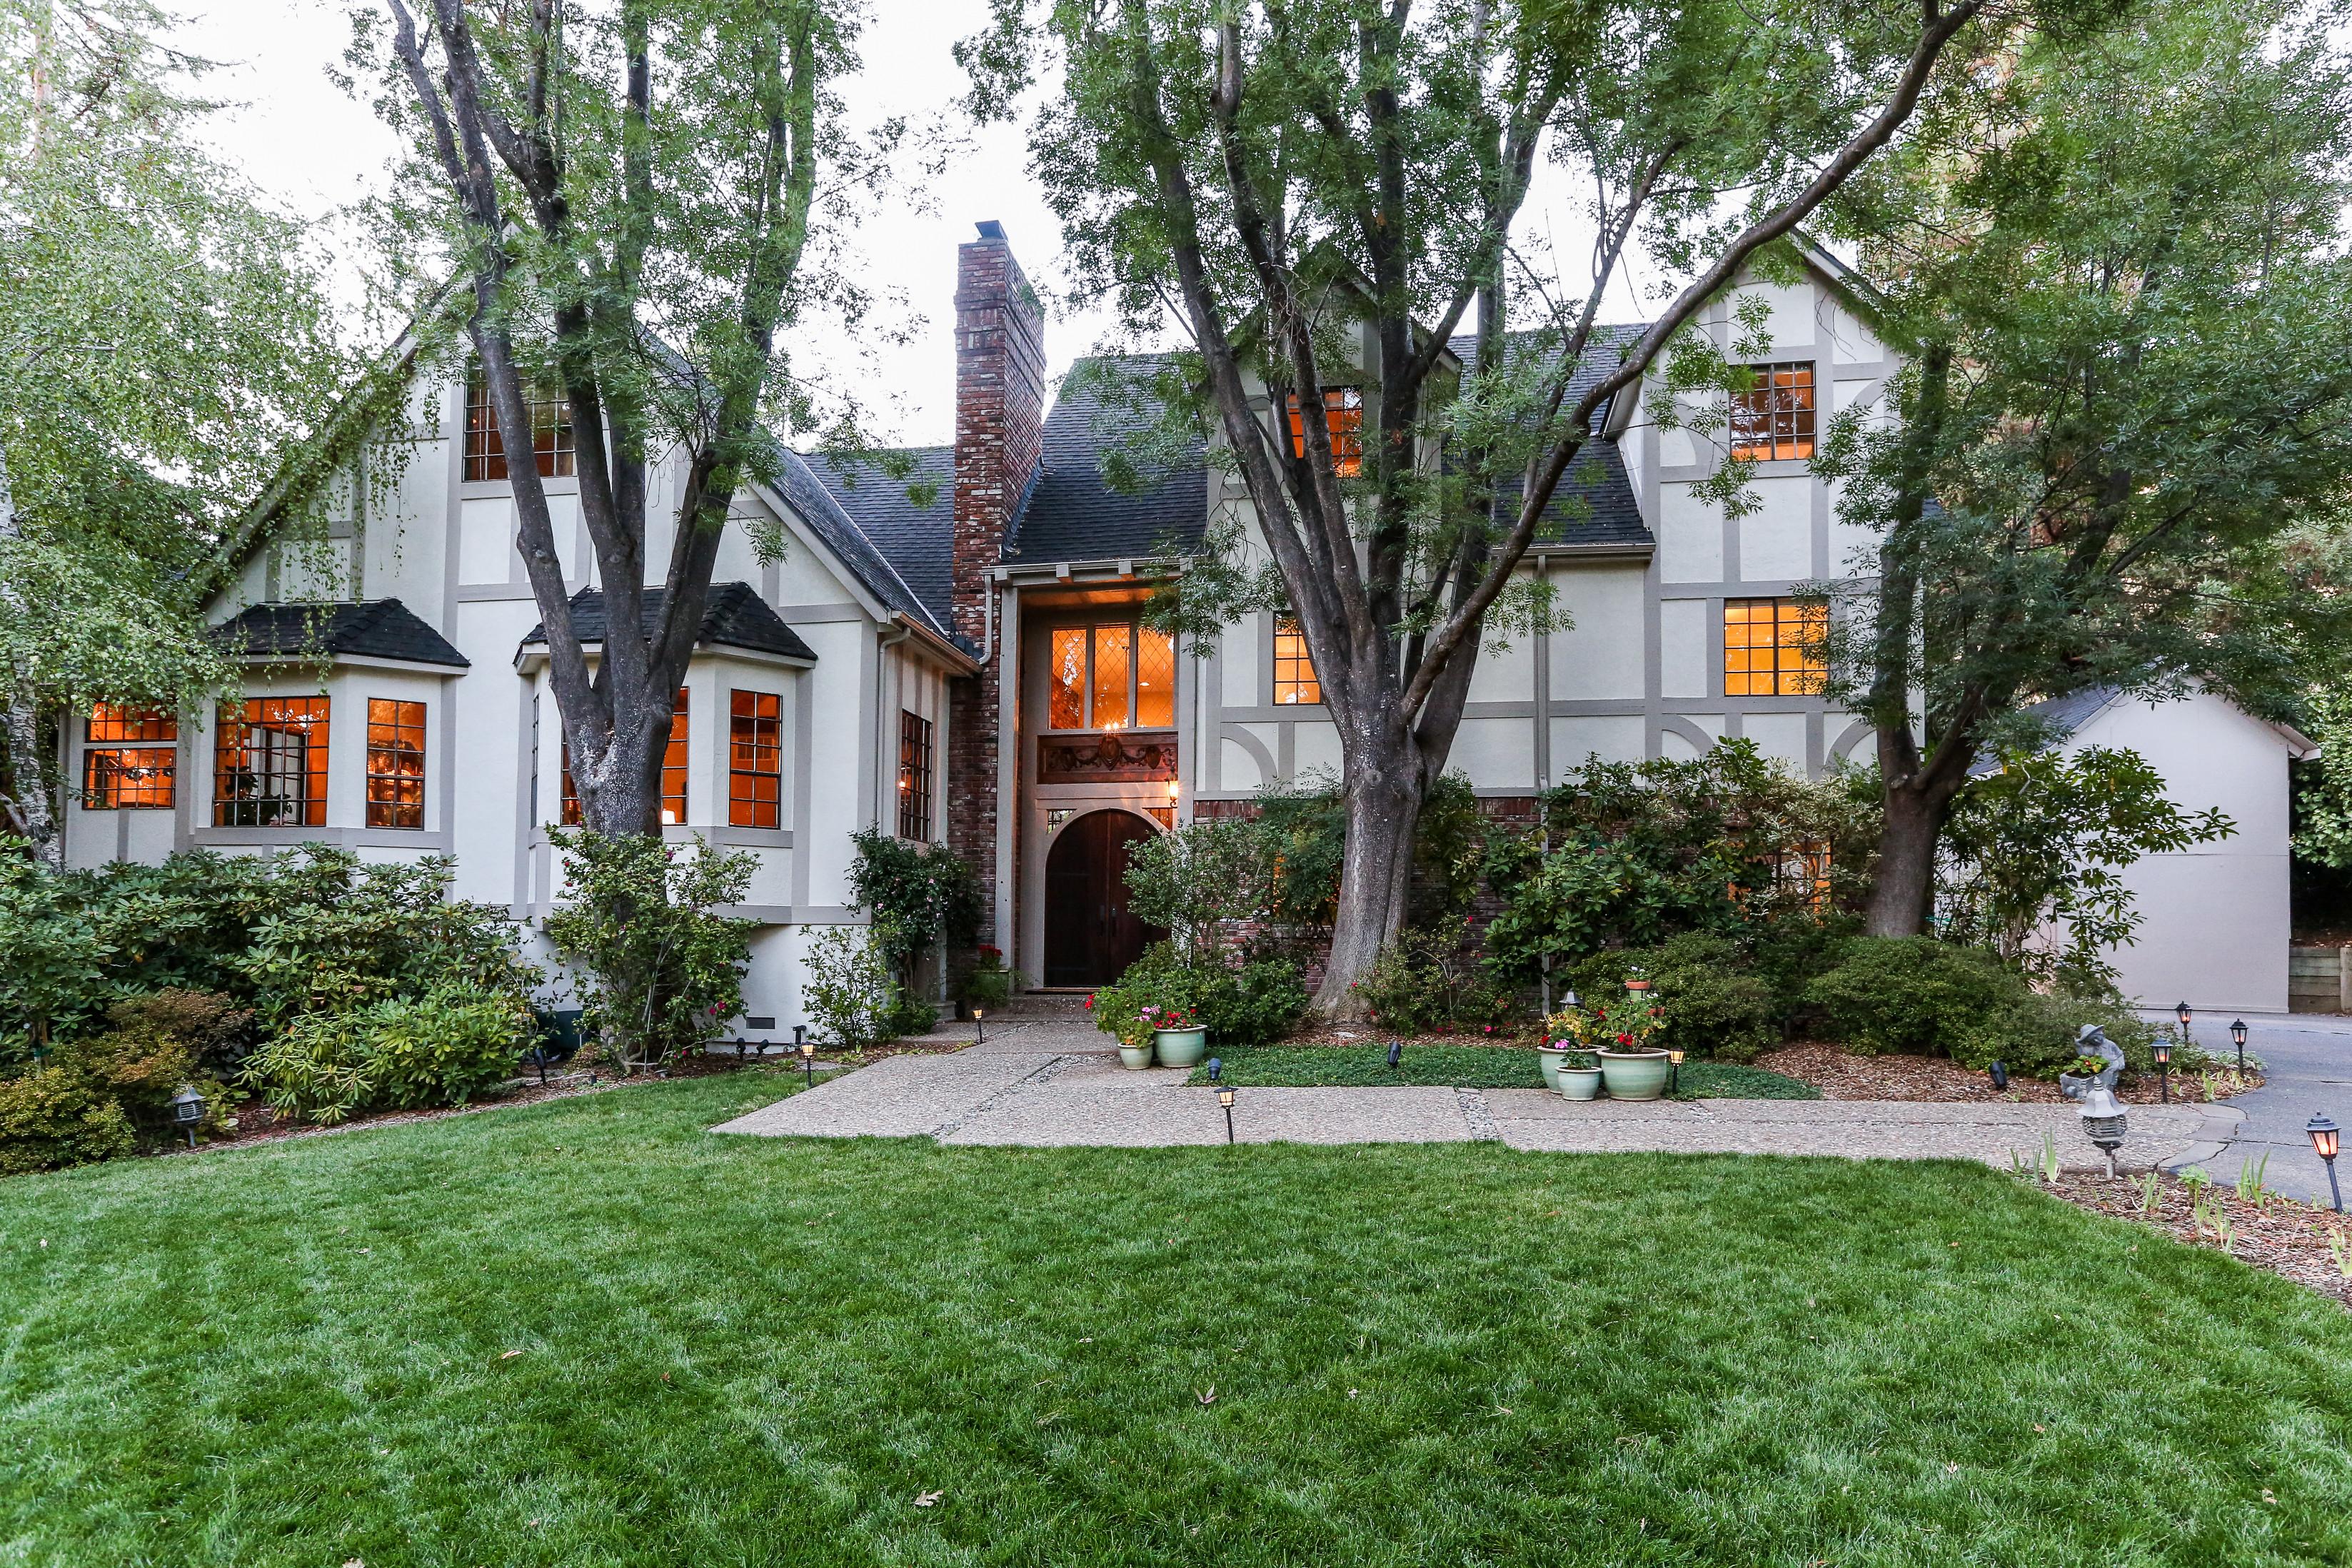 一戸建て のために 売買 アット Exquisite Gated Tudor Hampton Estate 2510 Mt Diablo Scenic Blvd Danville, カリフォルニア, 94506 アメリカ合衆国